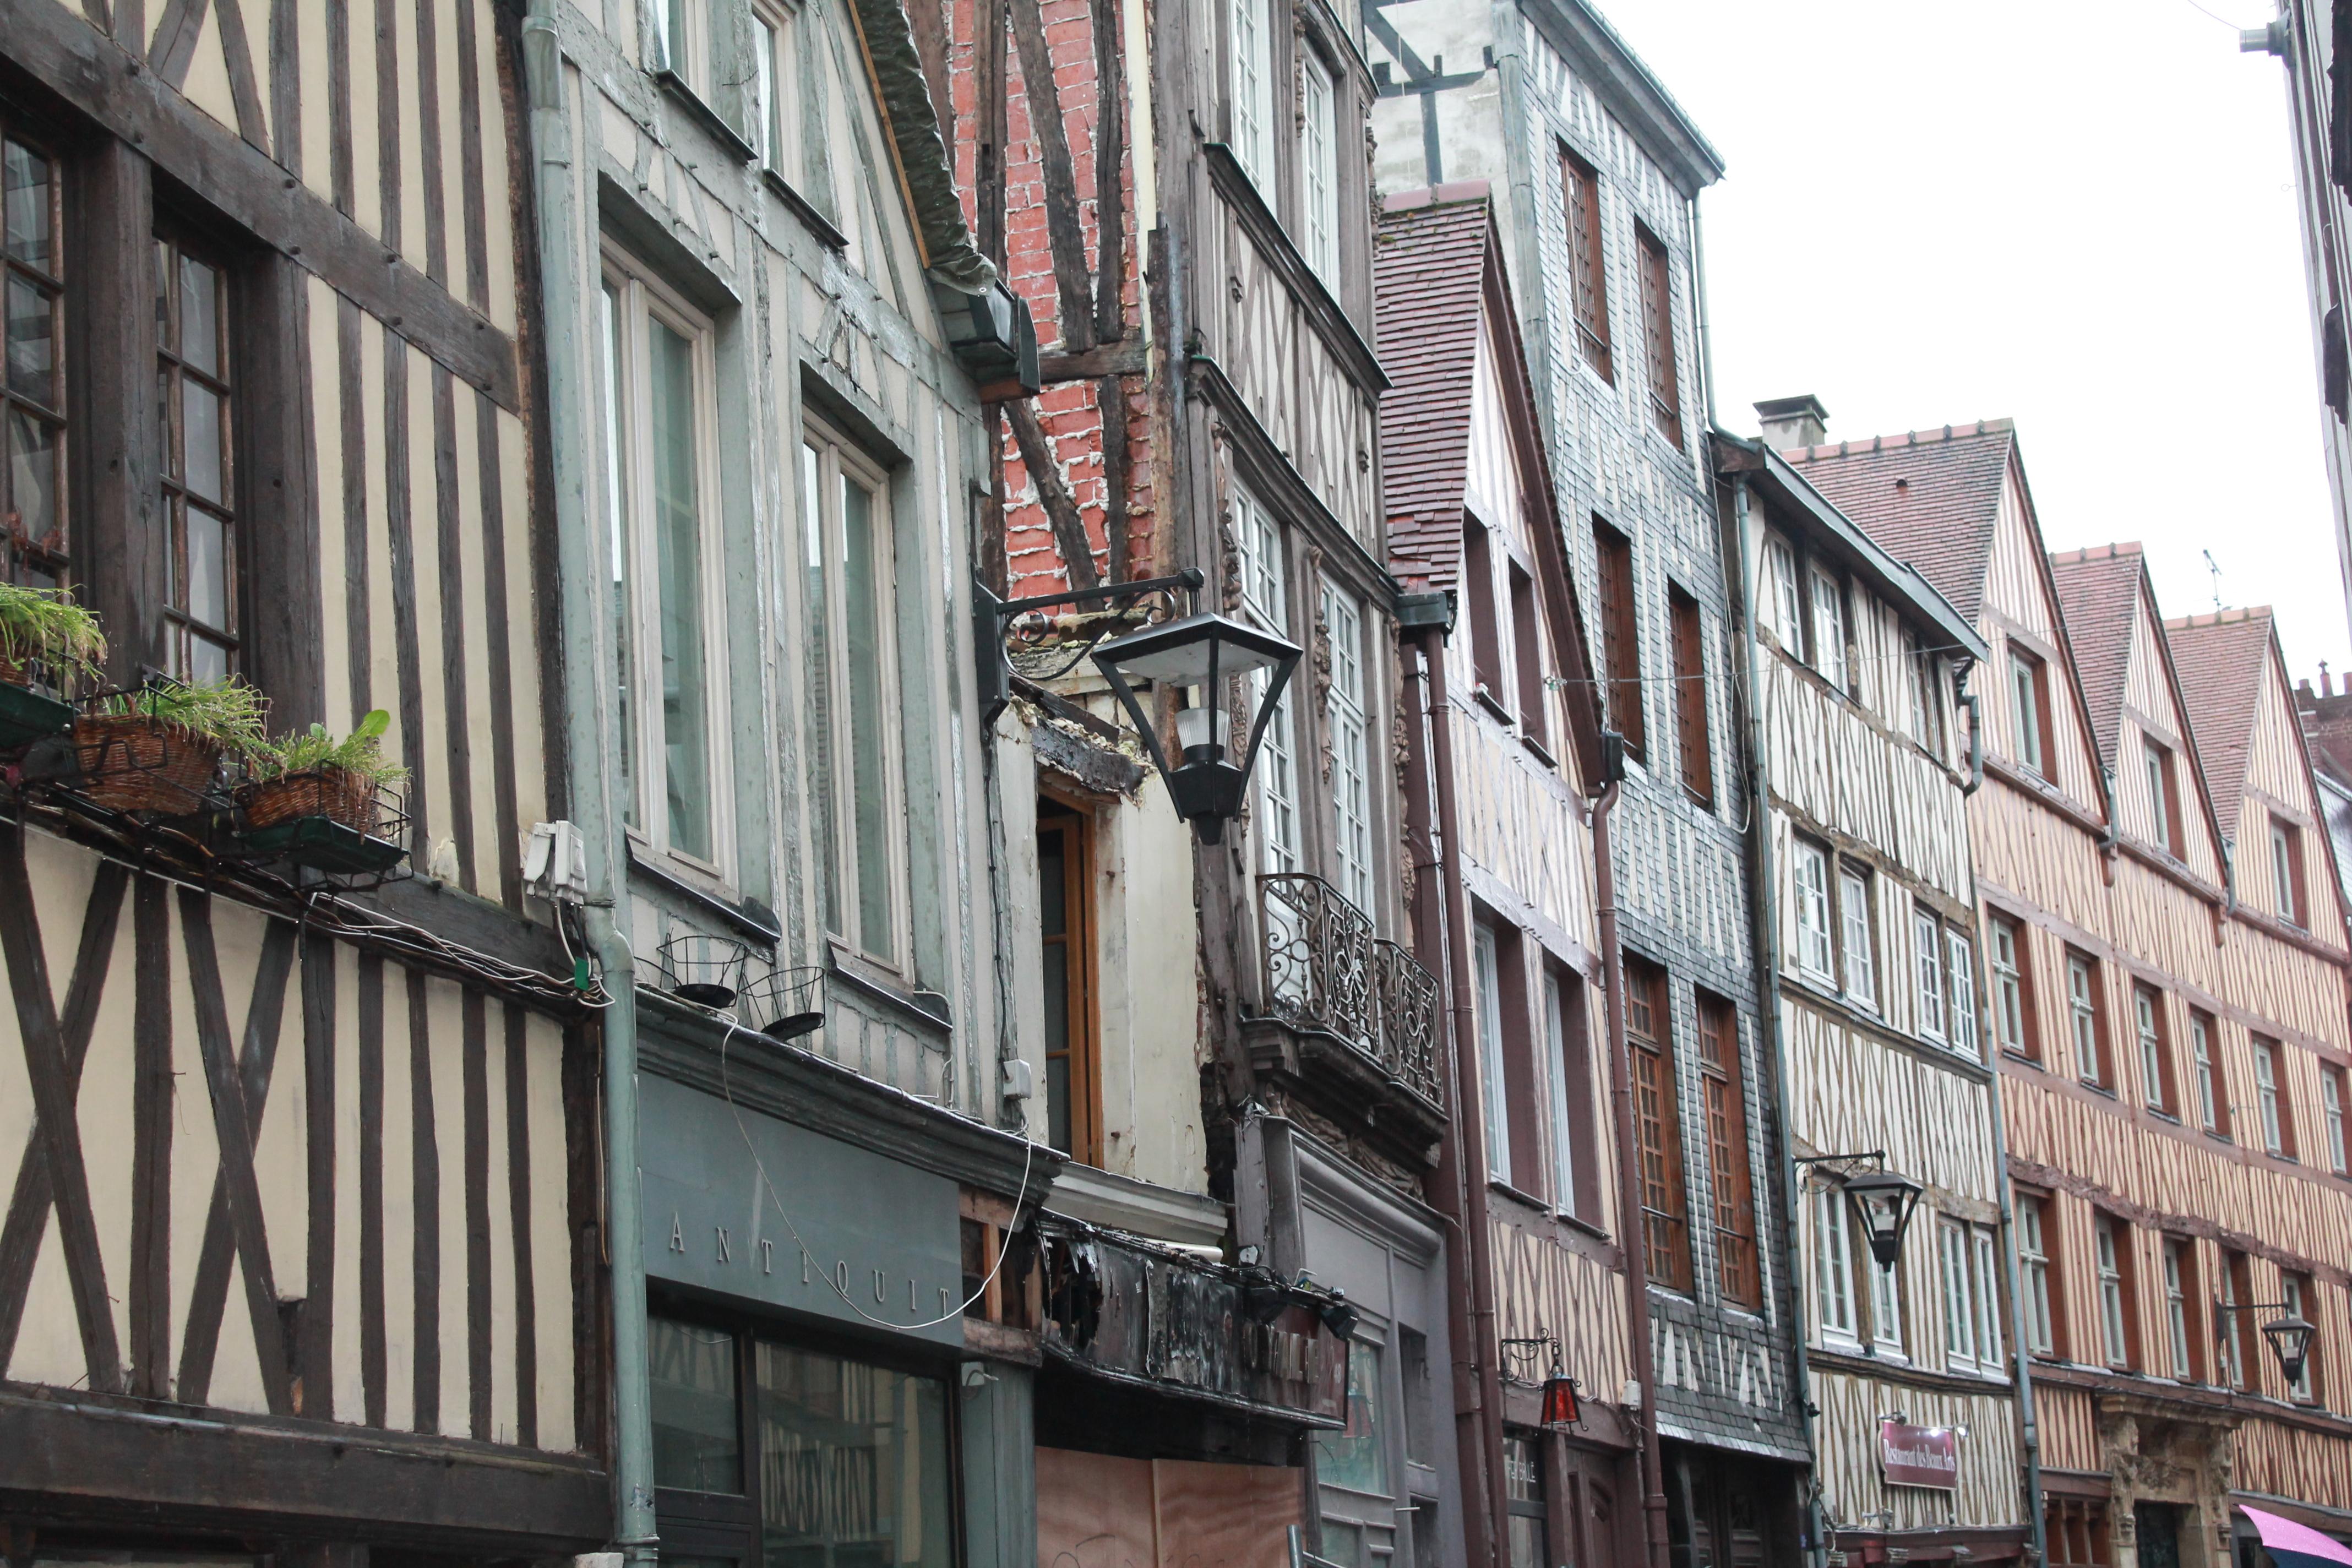 Les maisons à colombage de Rouen